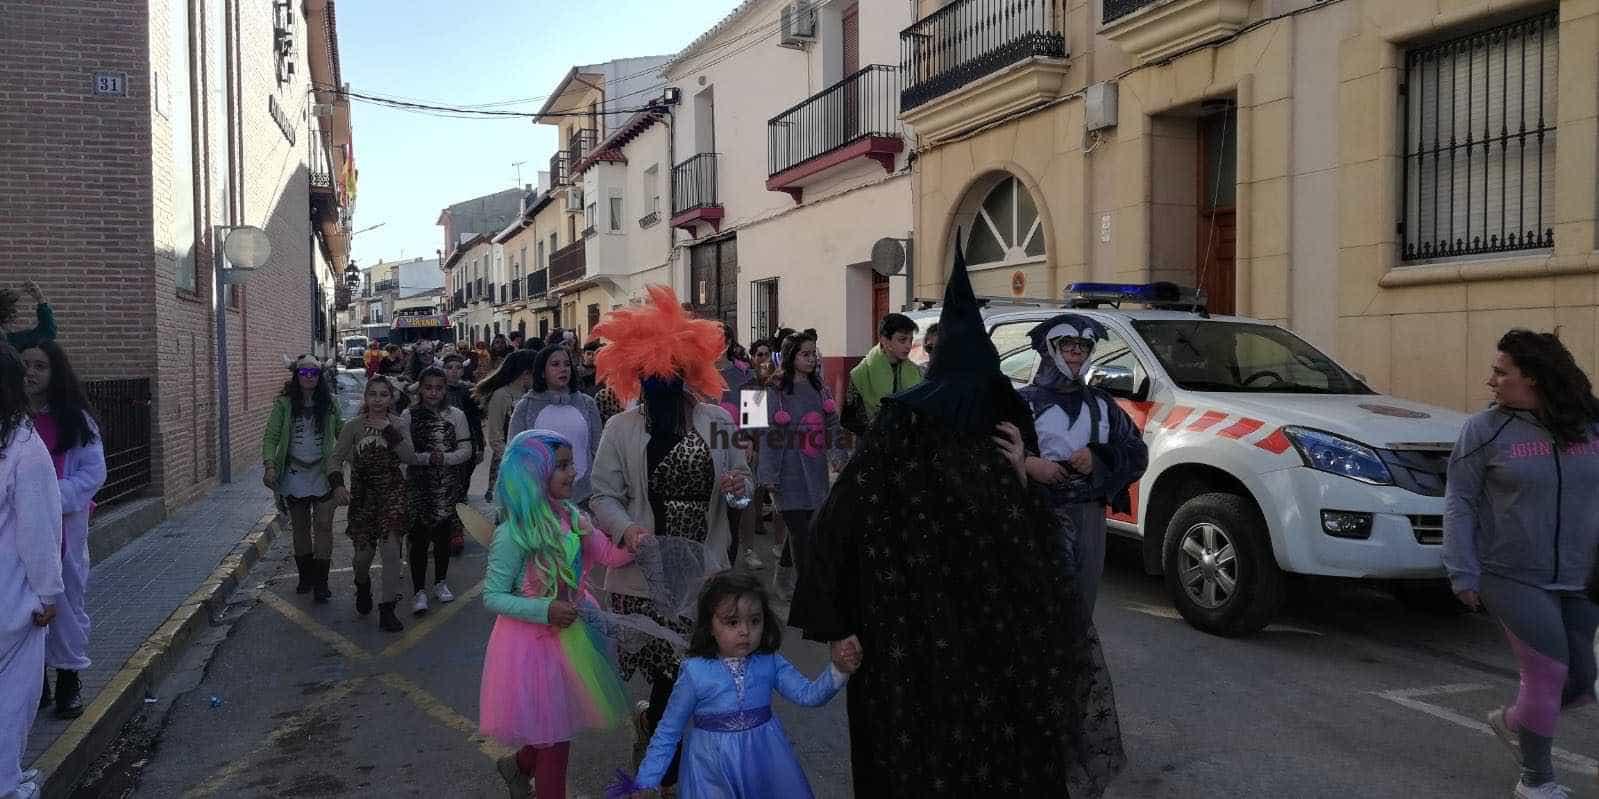 Carnaval herencia 2020 pasacalles domingo deseosas 34 - El Domingo de las Deseosas invita a todo el mundo al Carnaval de Herencia